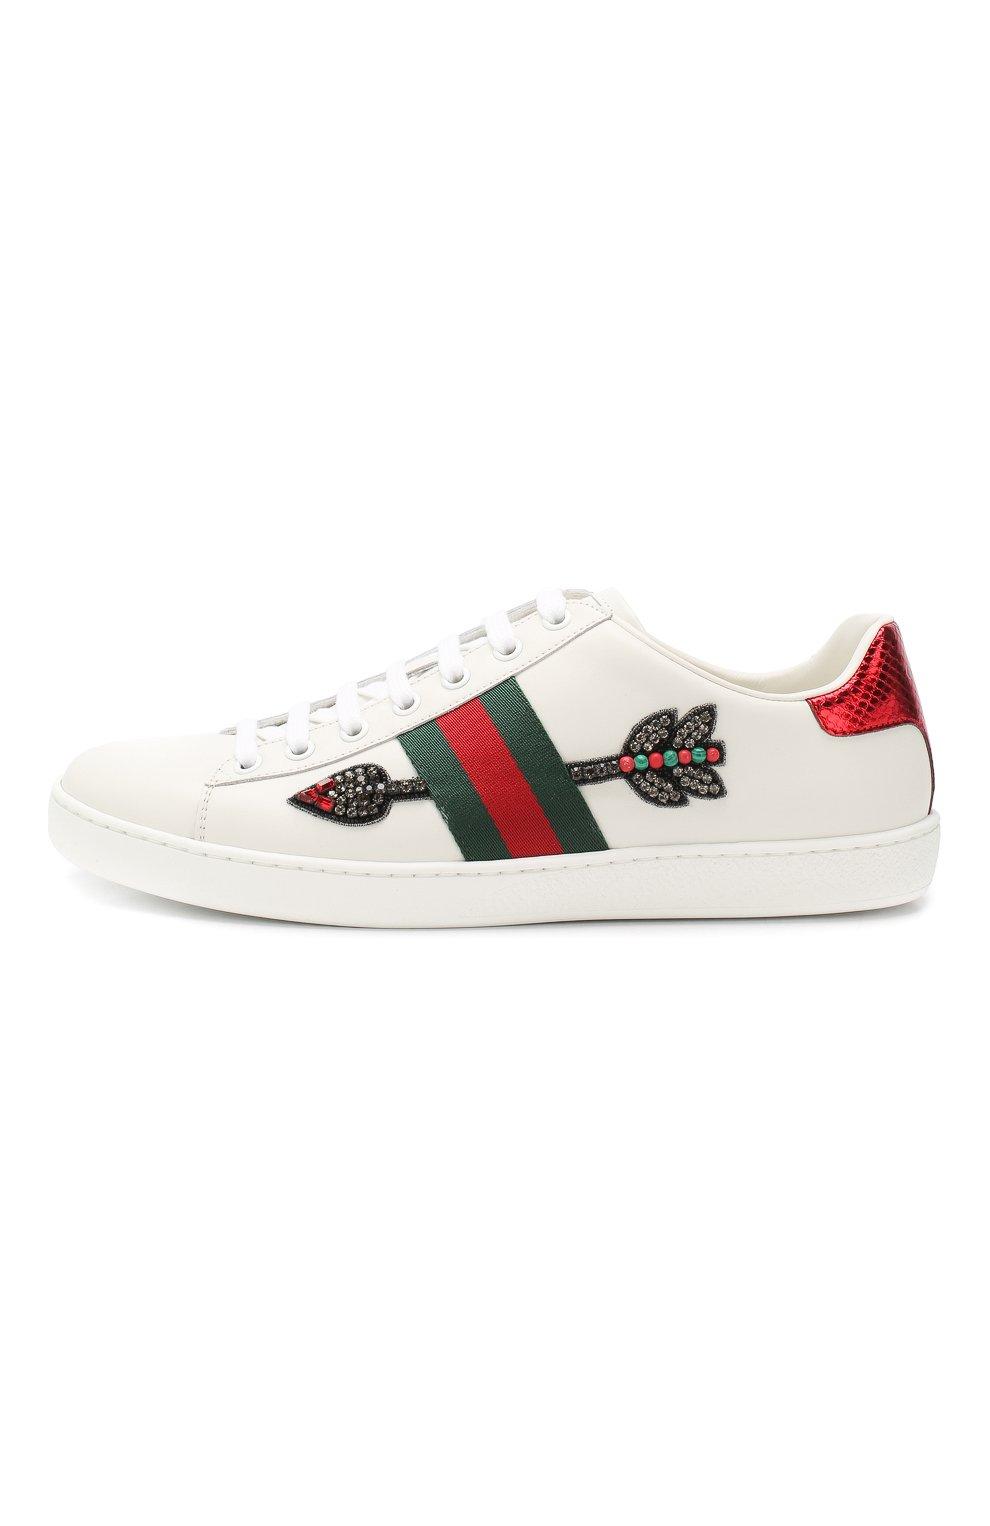 a46415dae526 Женская обувь Gucci по цене от 17 650 руб. купить в интернет-магазине ЦУМ